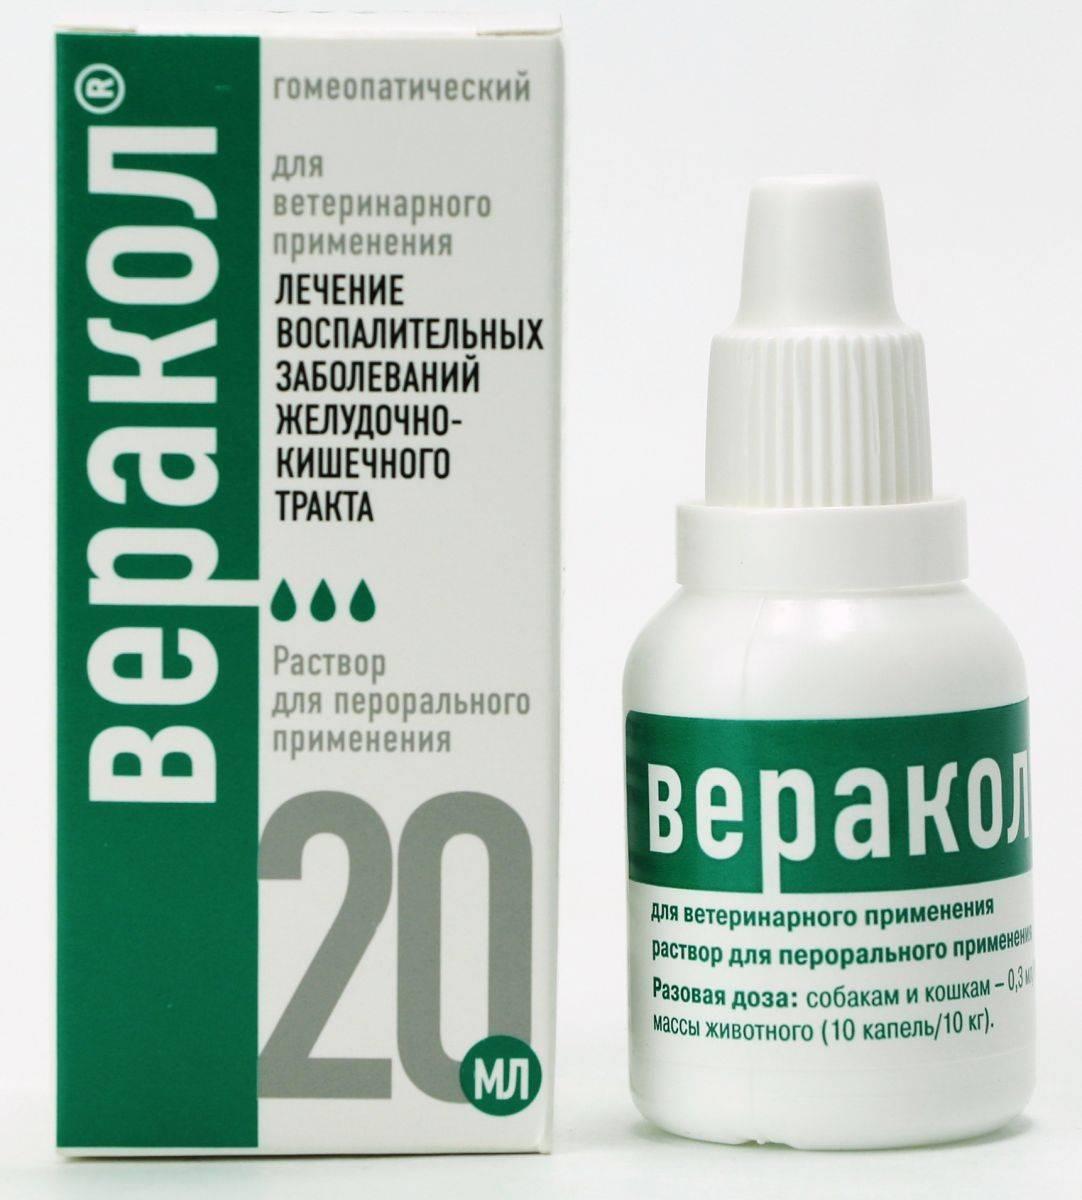 Гомеопатический препарат для кошек и собак хелвет веракол 10 мл